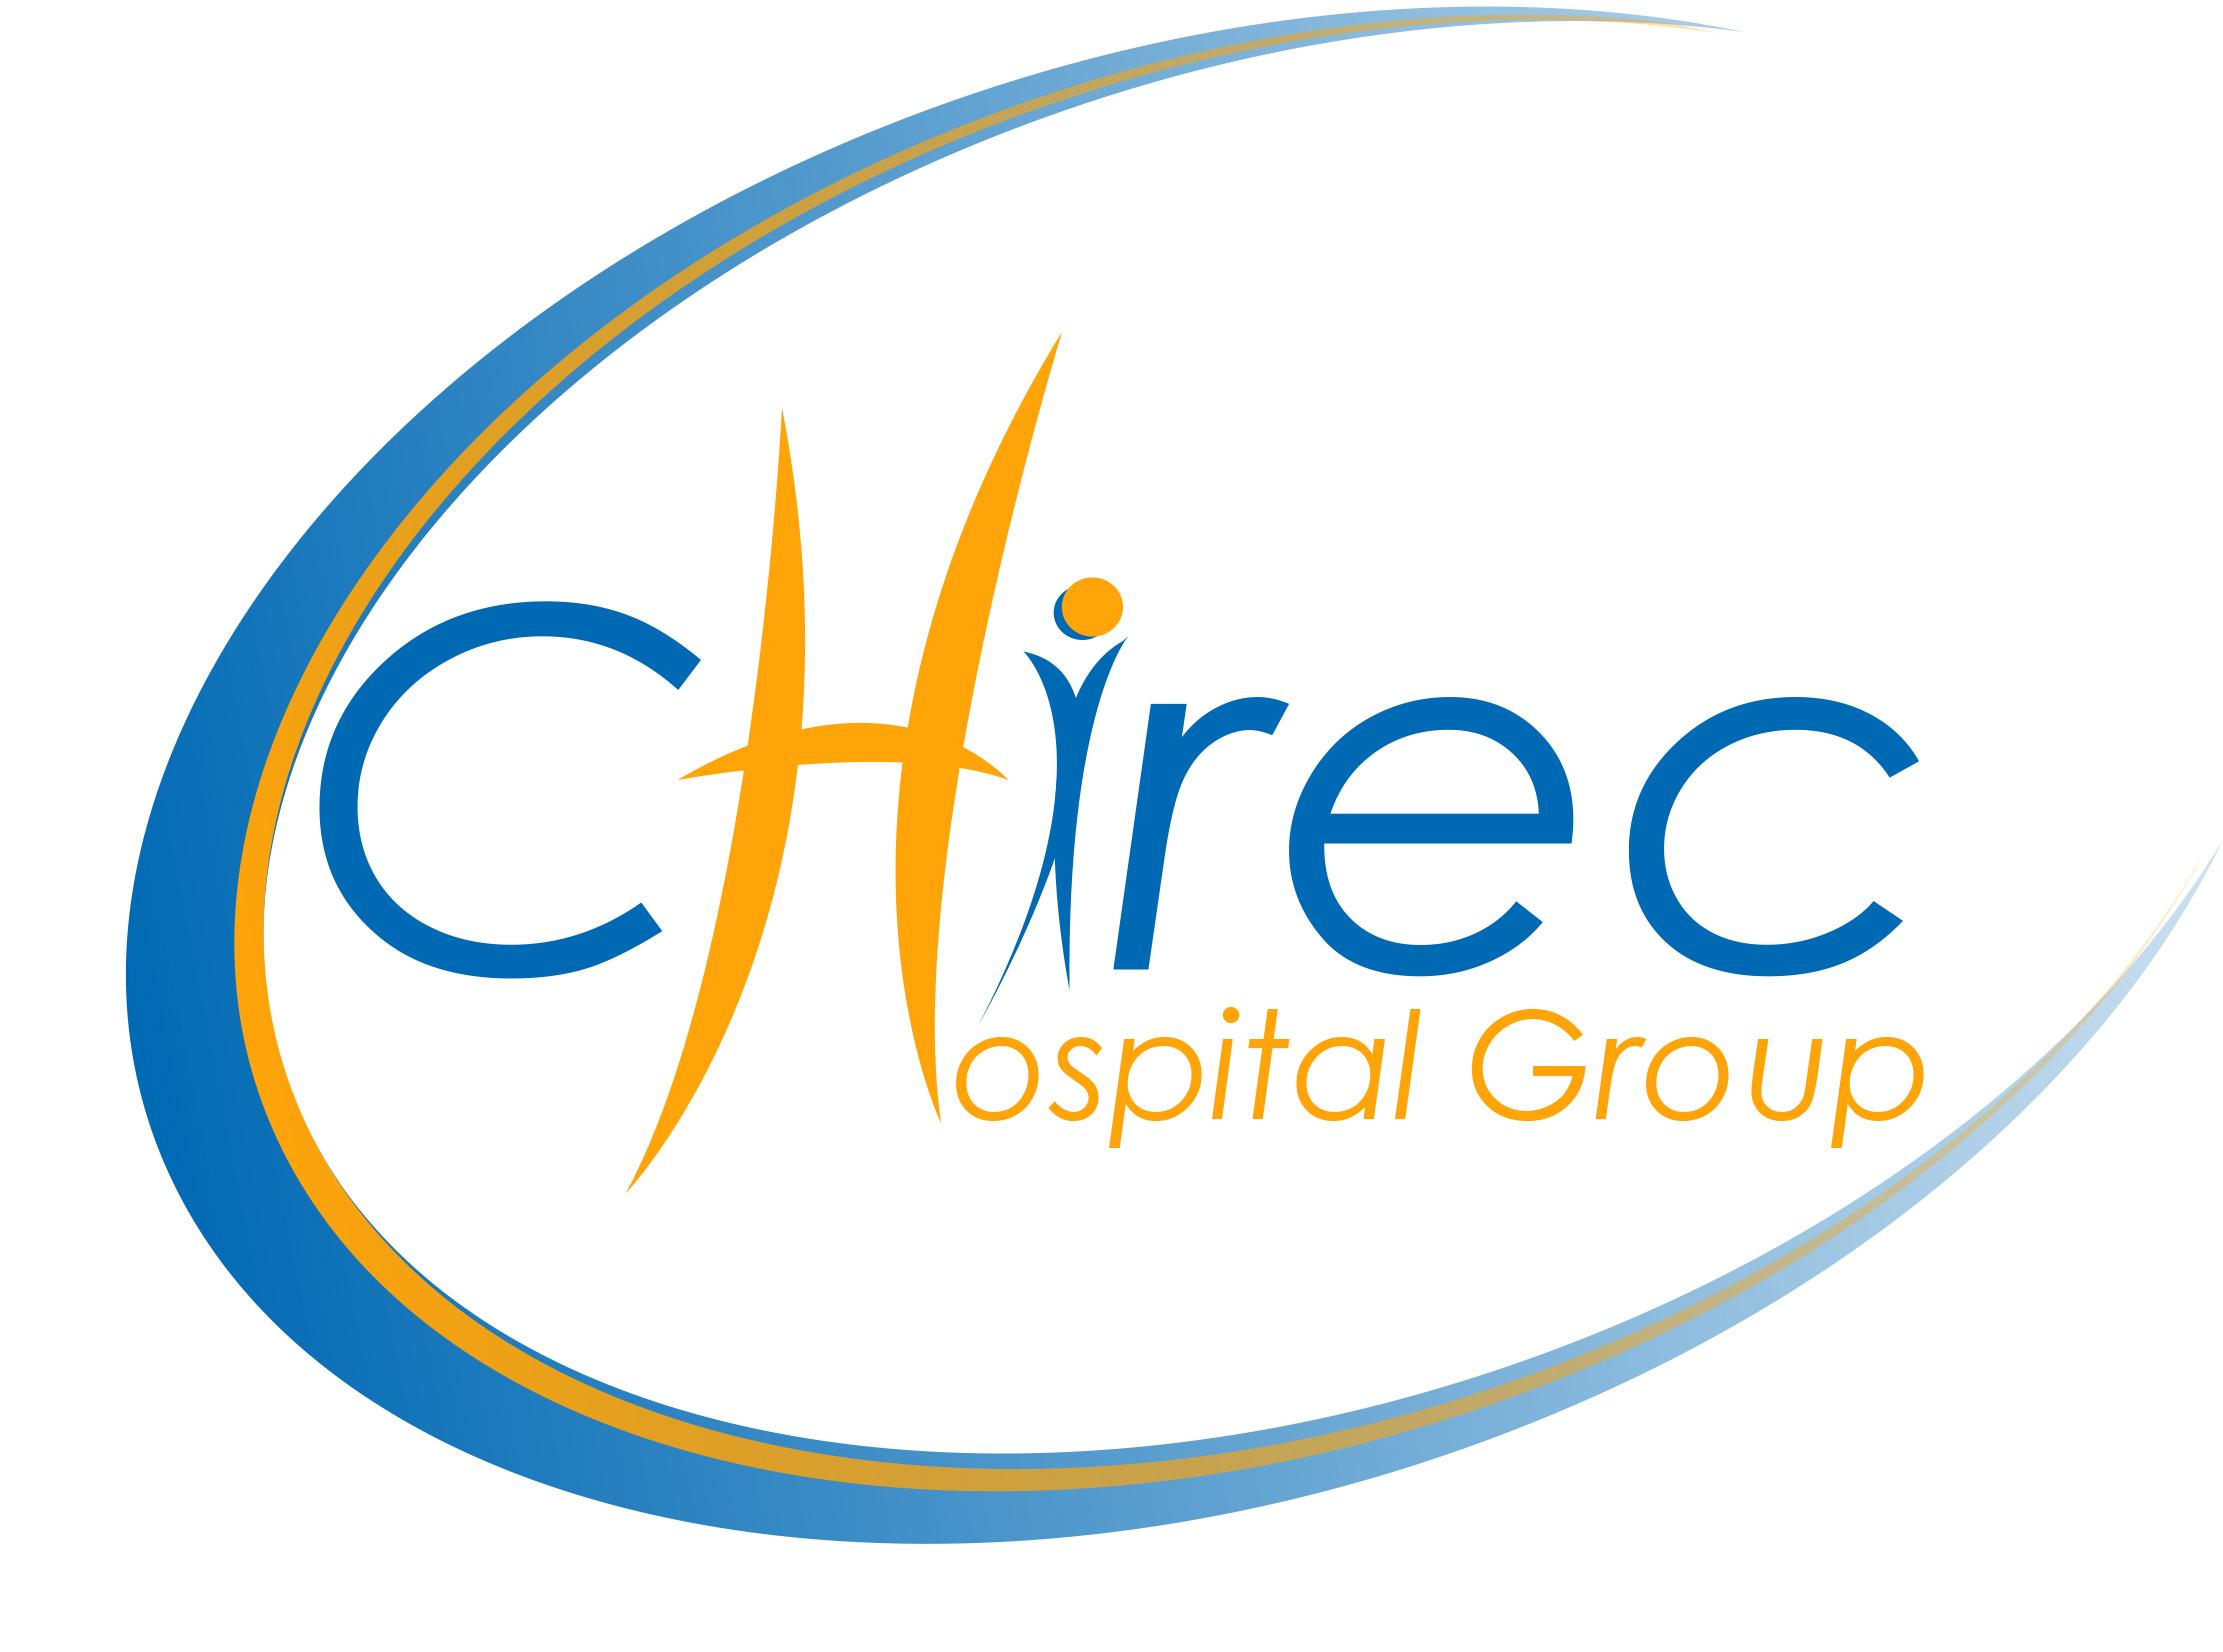 CHIREC - Site Delta